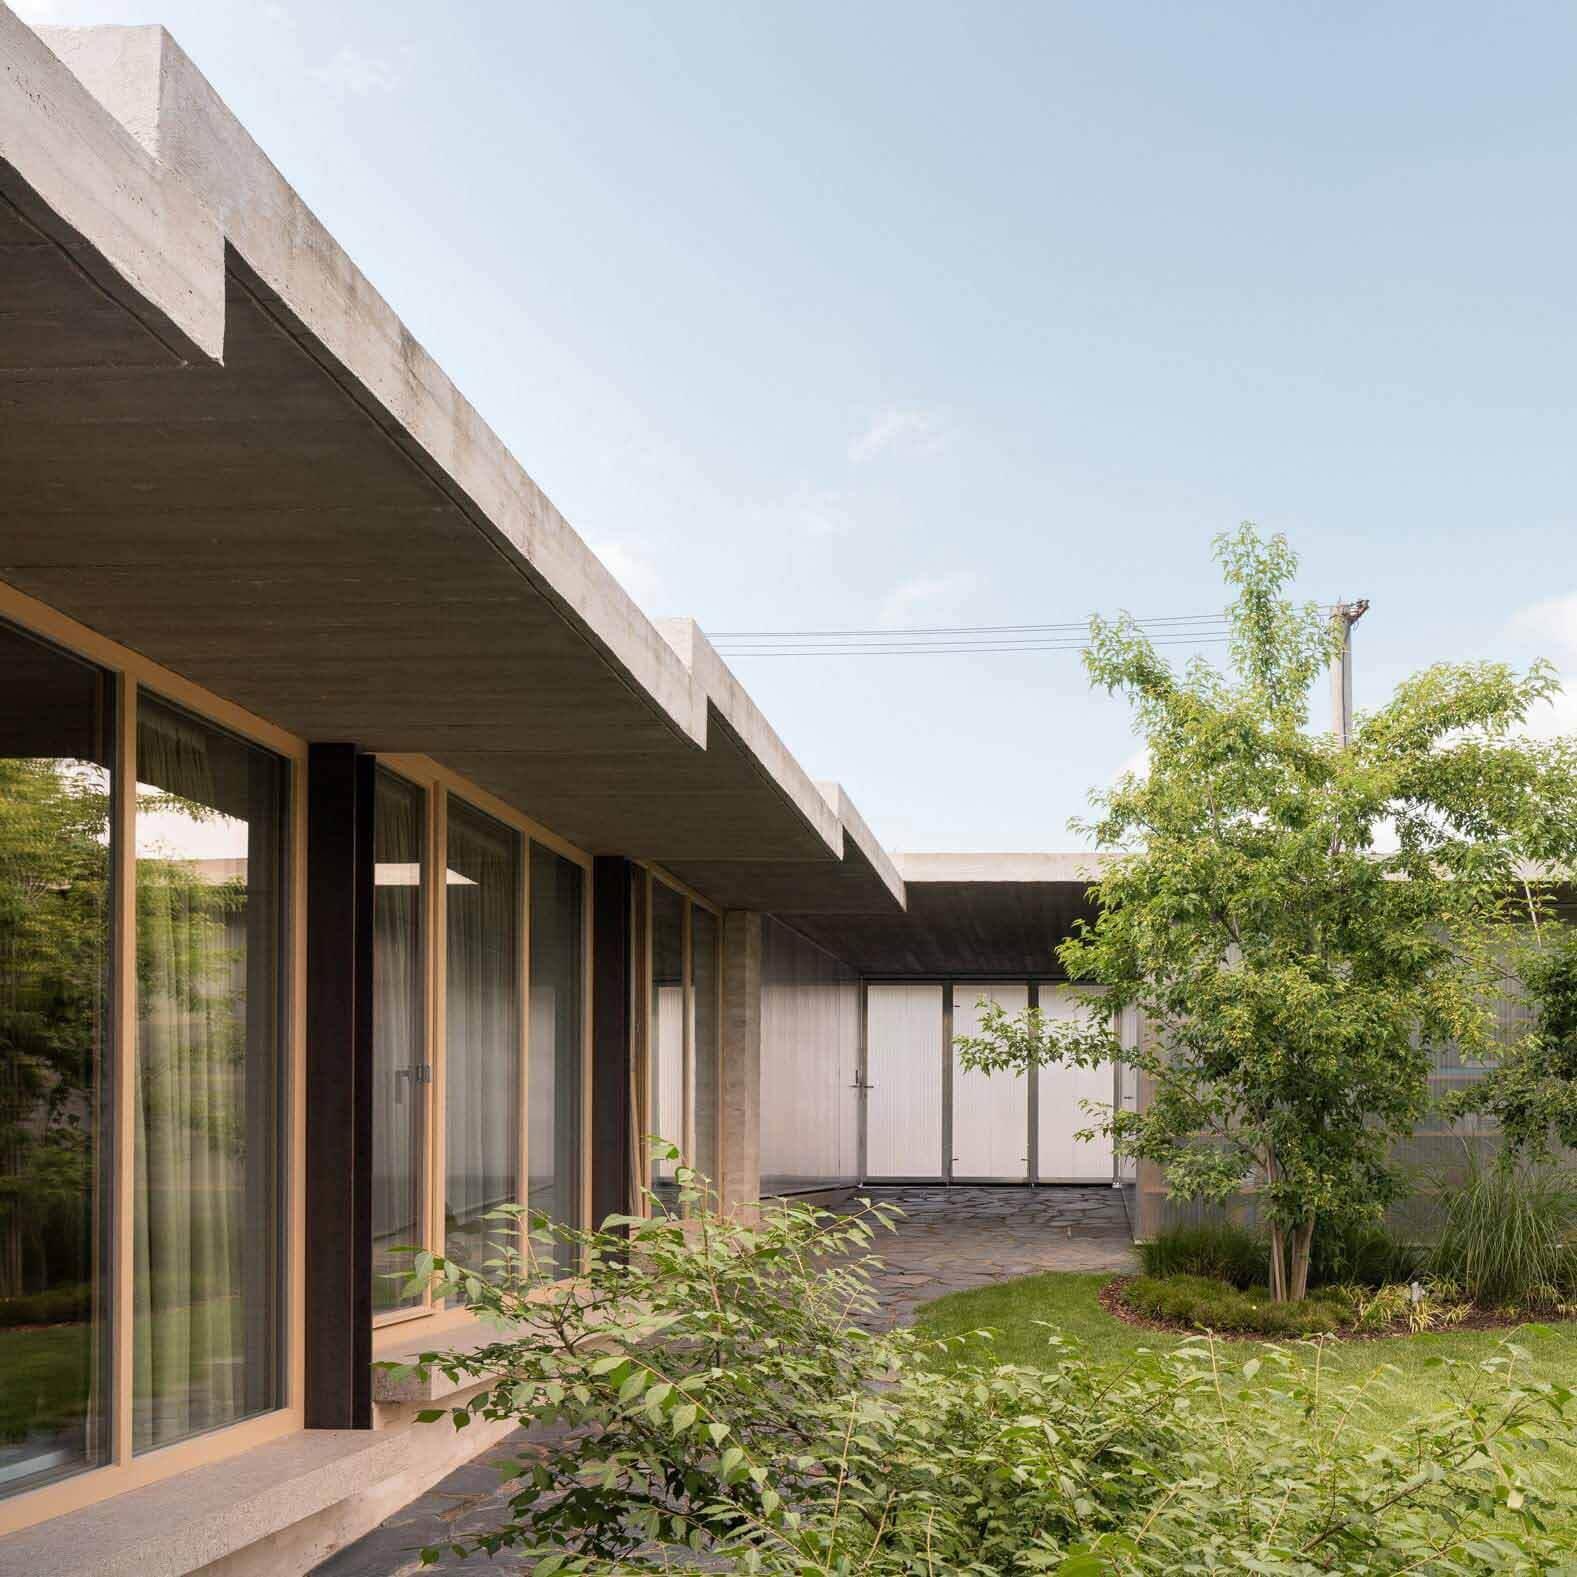 Мартин Неруда включает «секретный сад» в доме в Ланшкроуне.